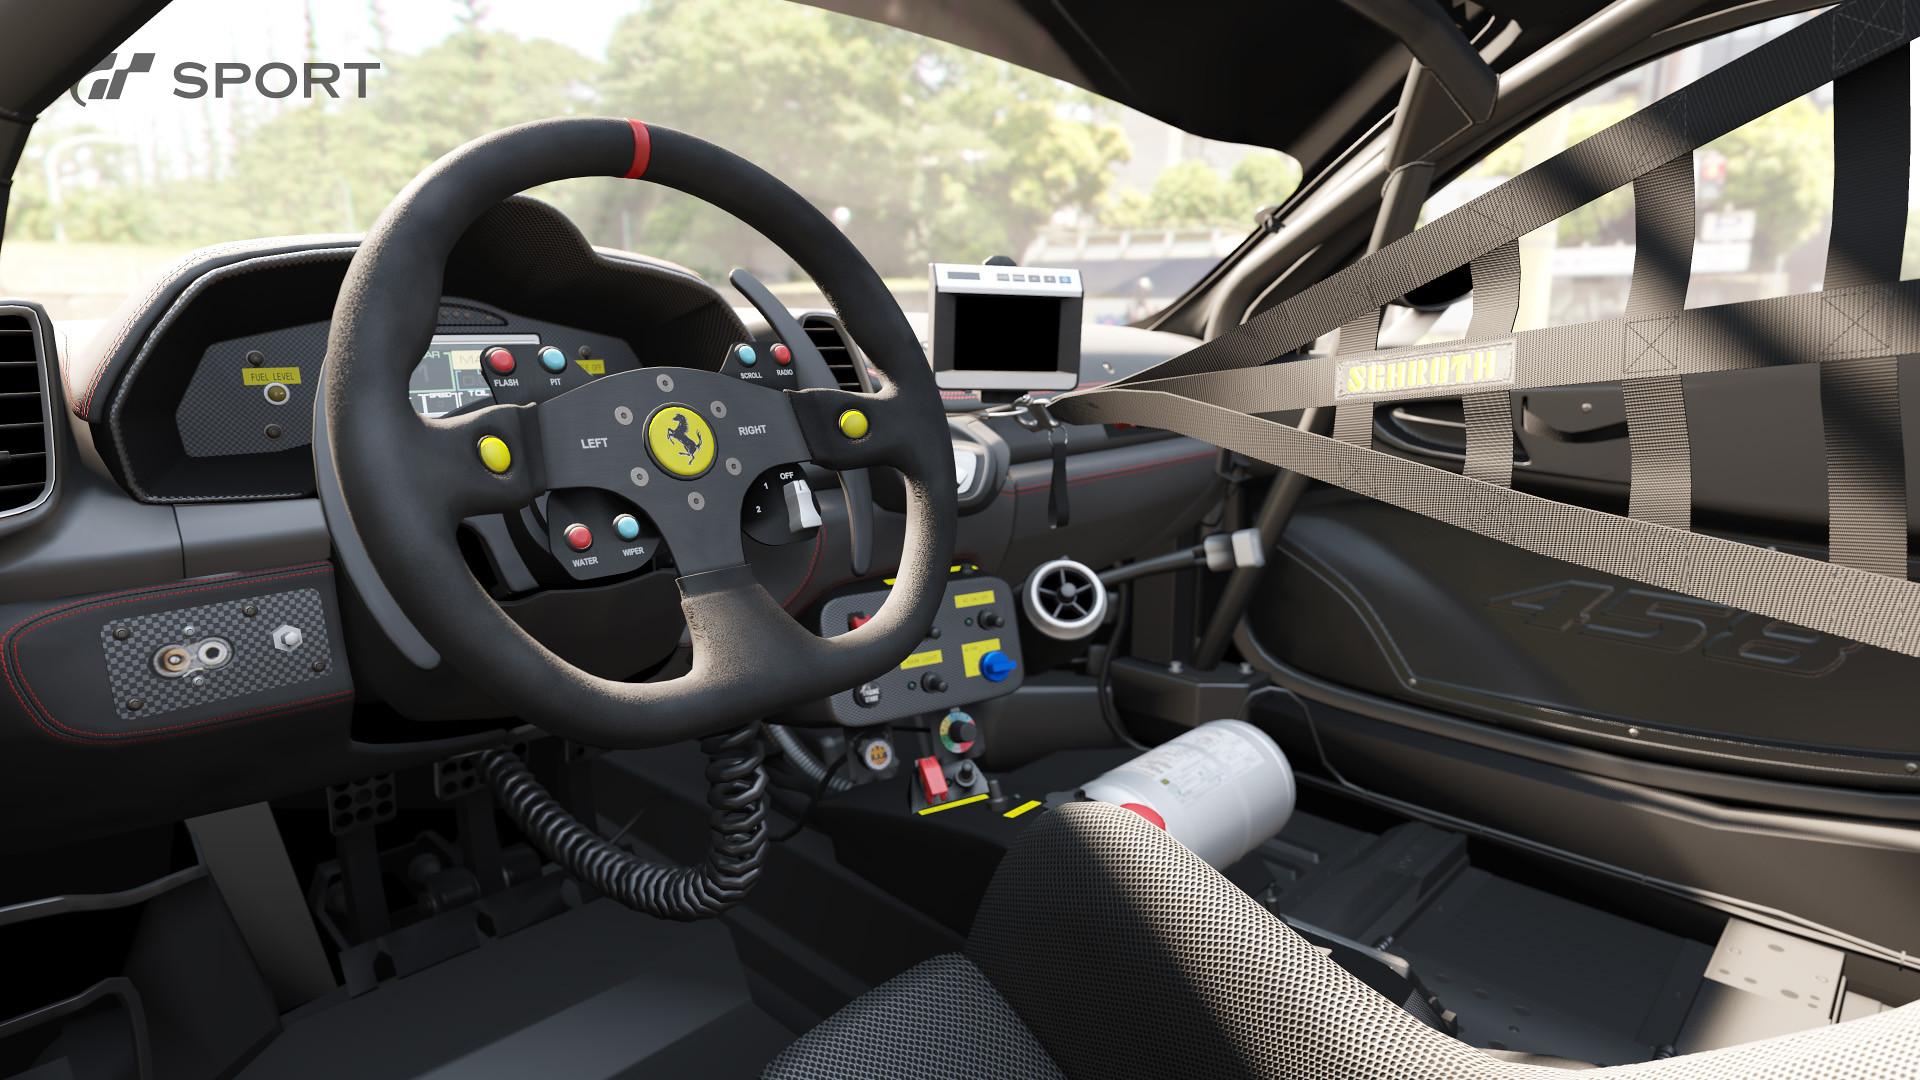 49047470518 fa782b85bf k - GT Sport – Mehr Kontrolle durch manuelles Schalten